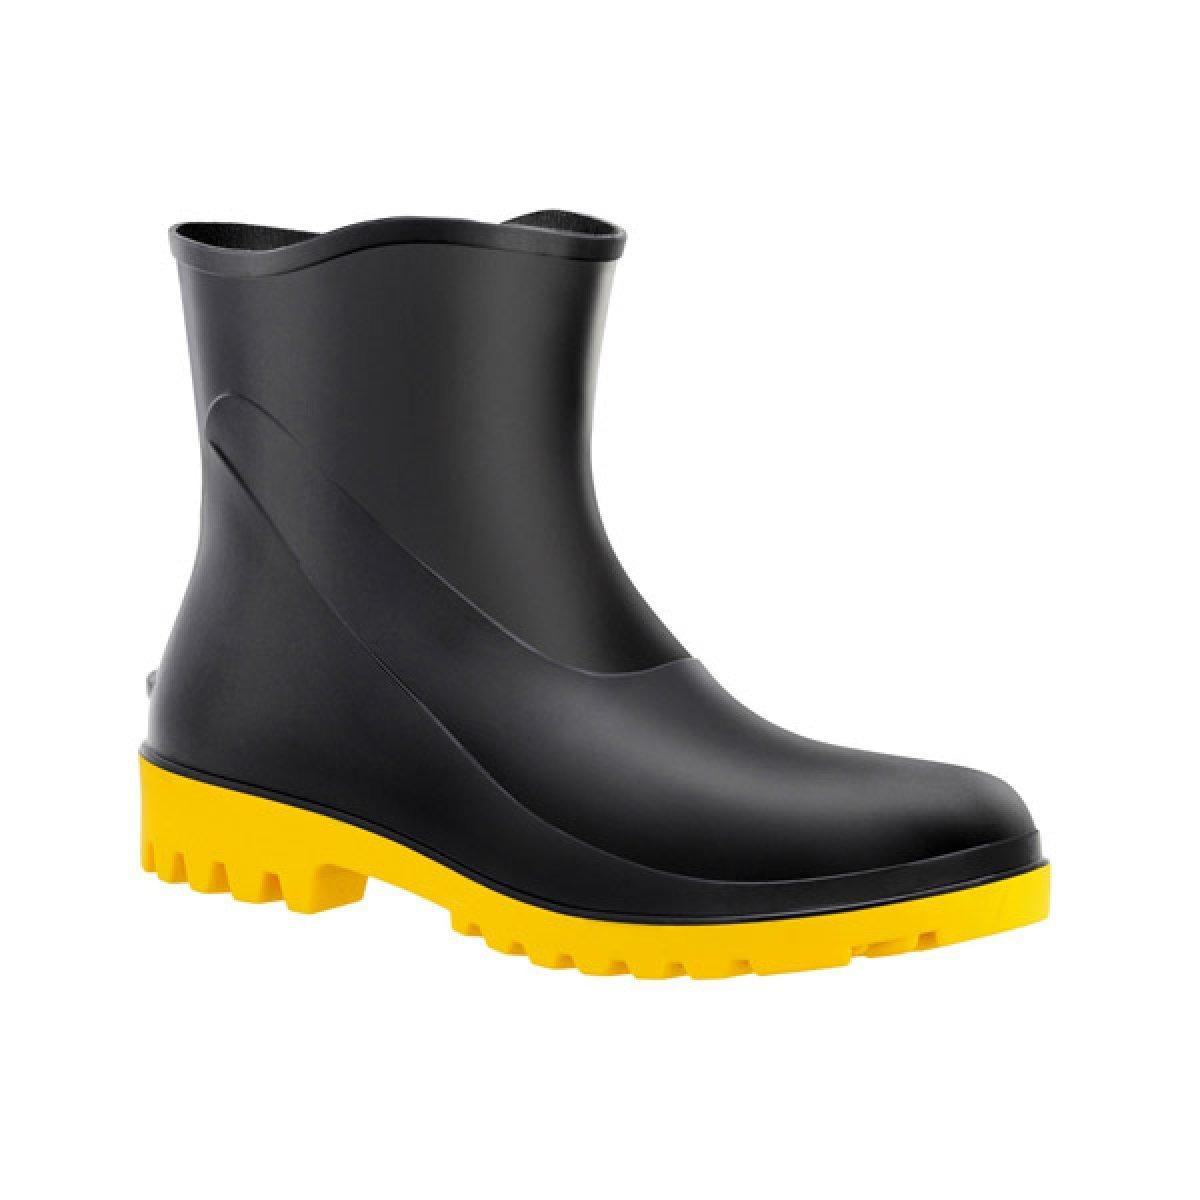 Bota de PVC Cano Extra curto Amarelo Numero 39 - Acqua Flex 82BPC - Bracol